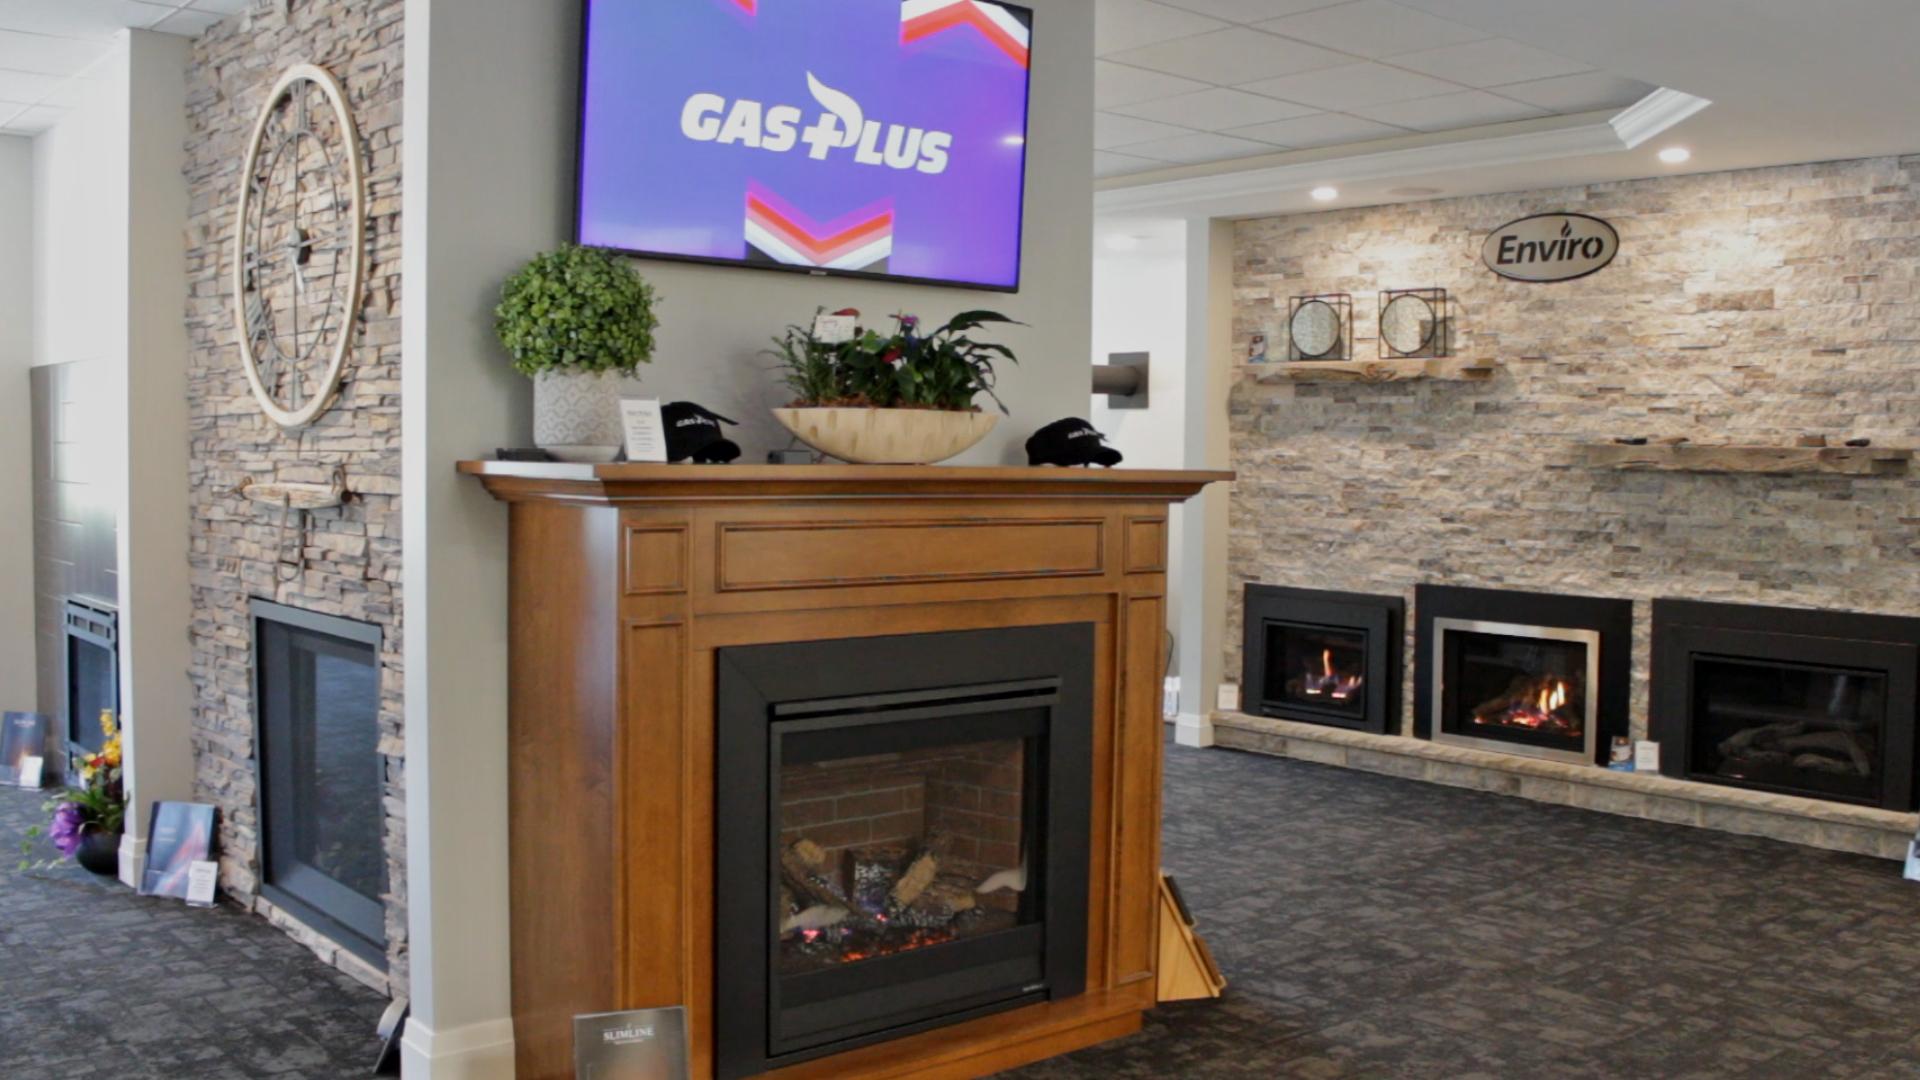 Gas Plus Showroom Interior in Owen Sound